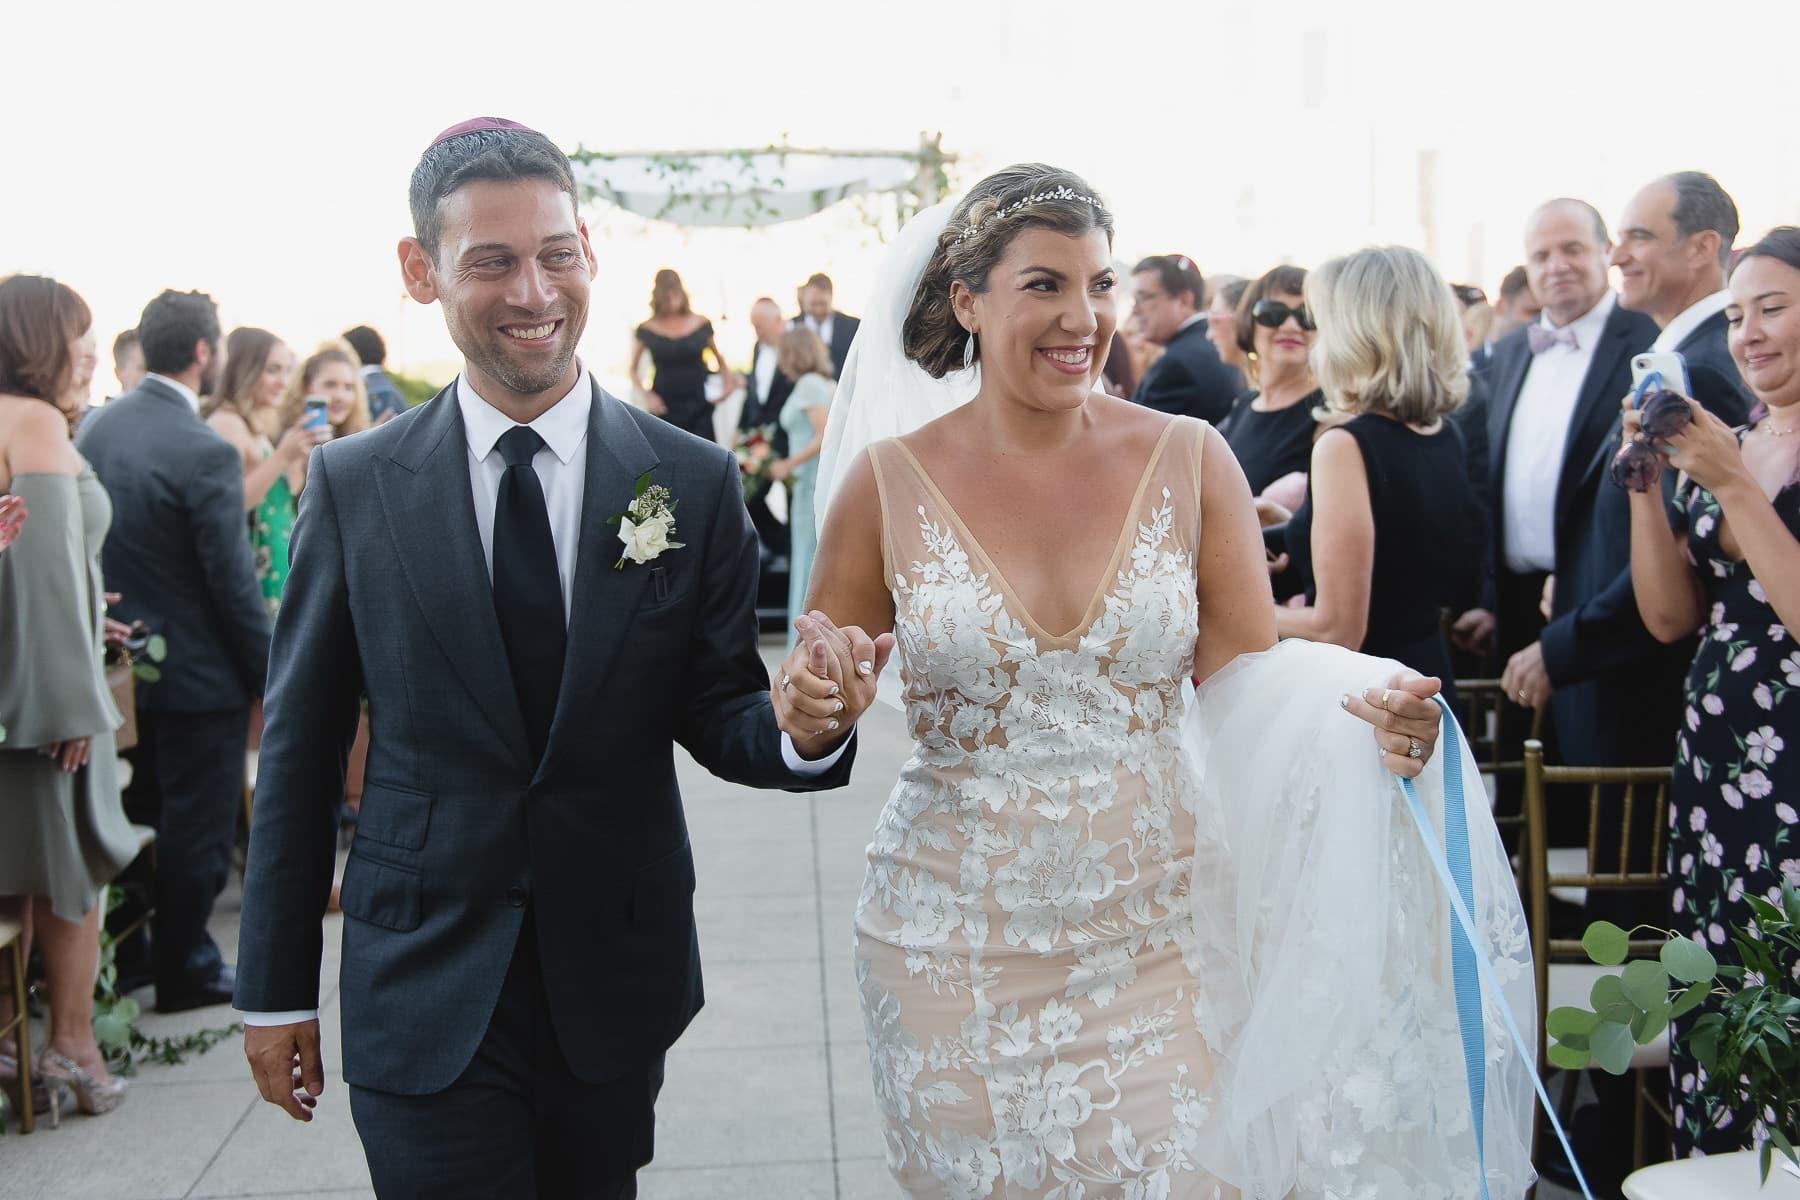 Bride and Groom leaving wedding ceremony at Jersey City Hyatt Regency